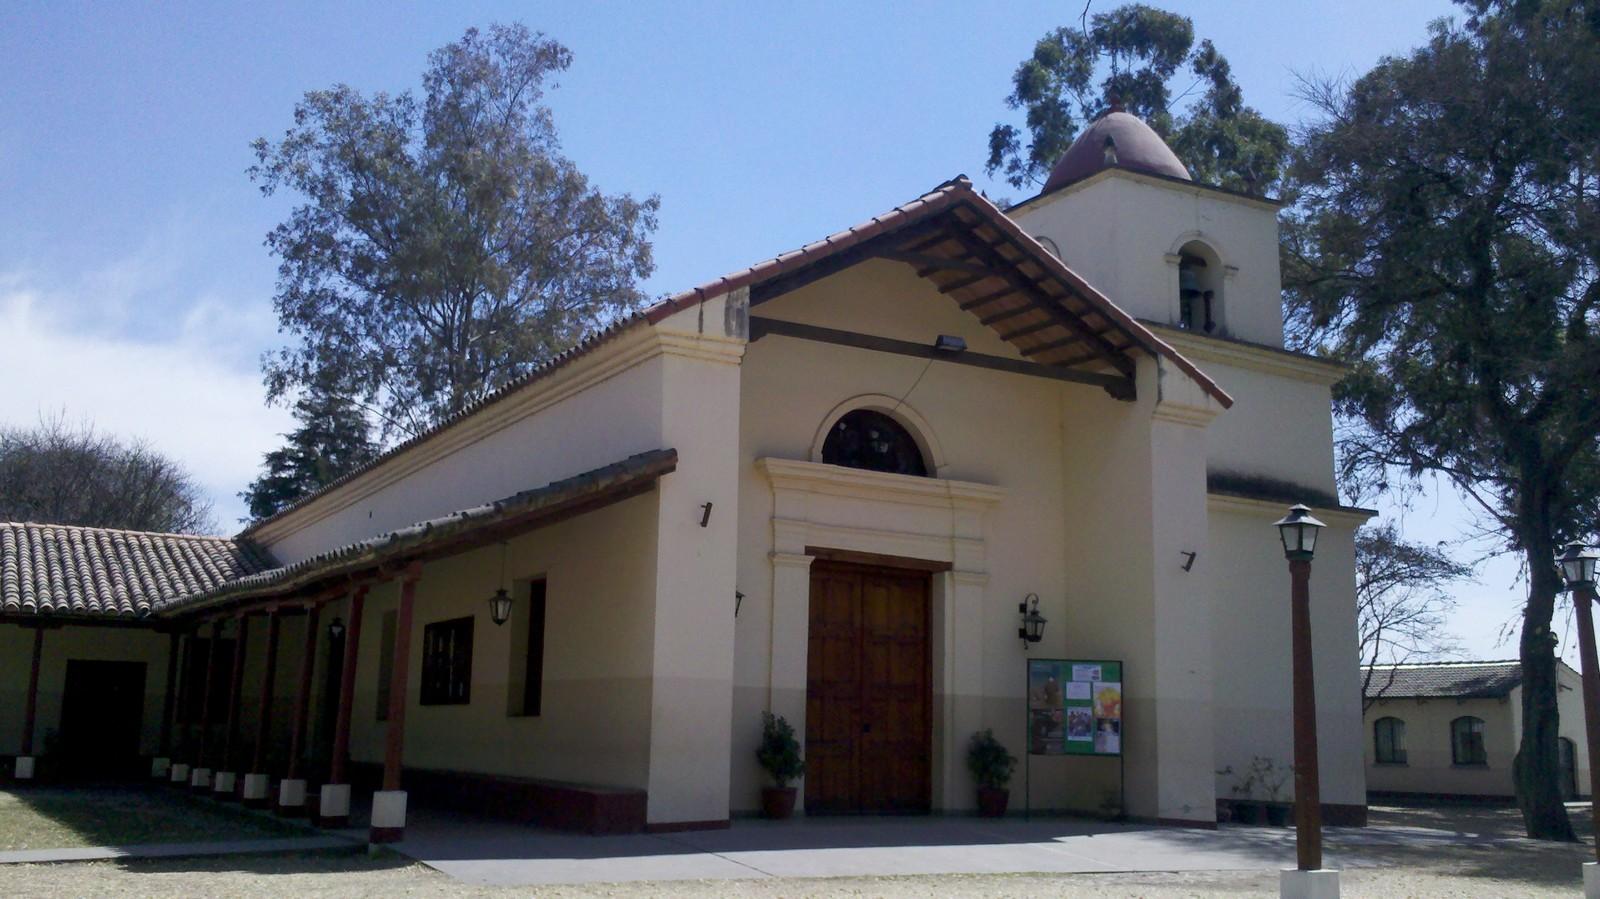 Aparecía para Defender a Jujuy: Nuestra Señora del Rosario de Río Blanco y Paypaya, Argentina (31 de octubre)